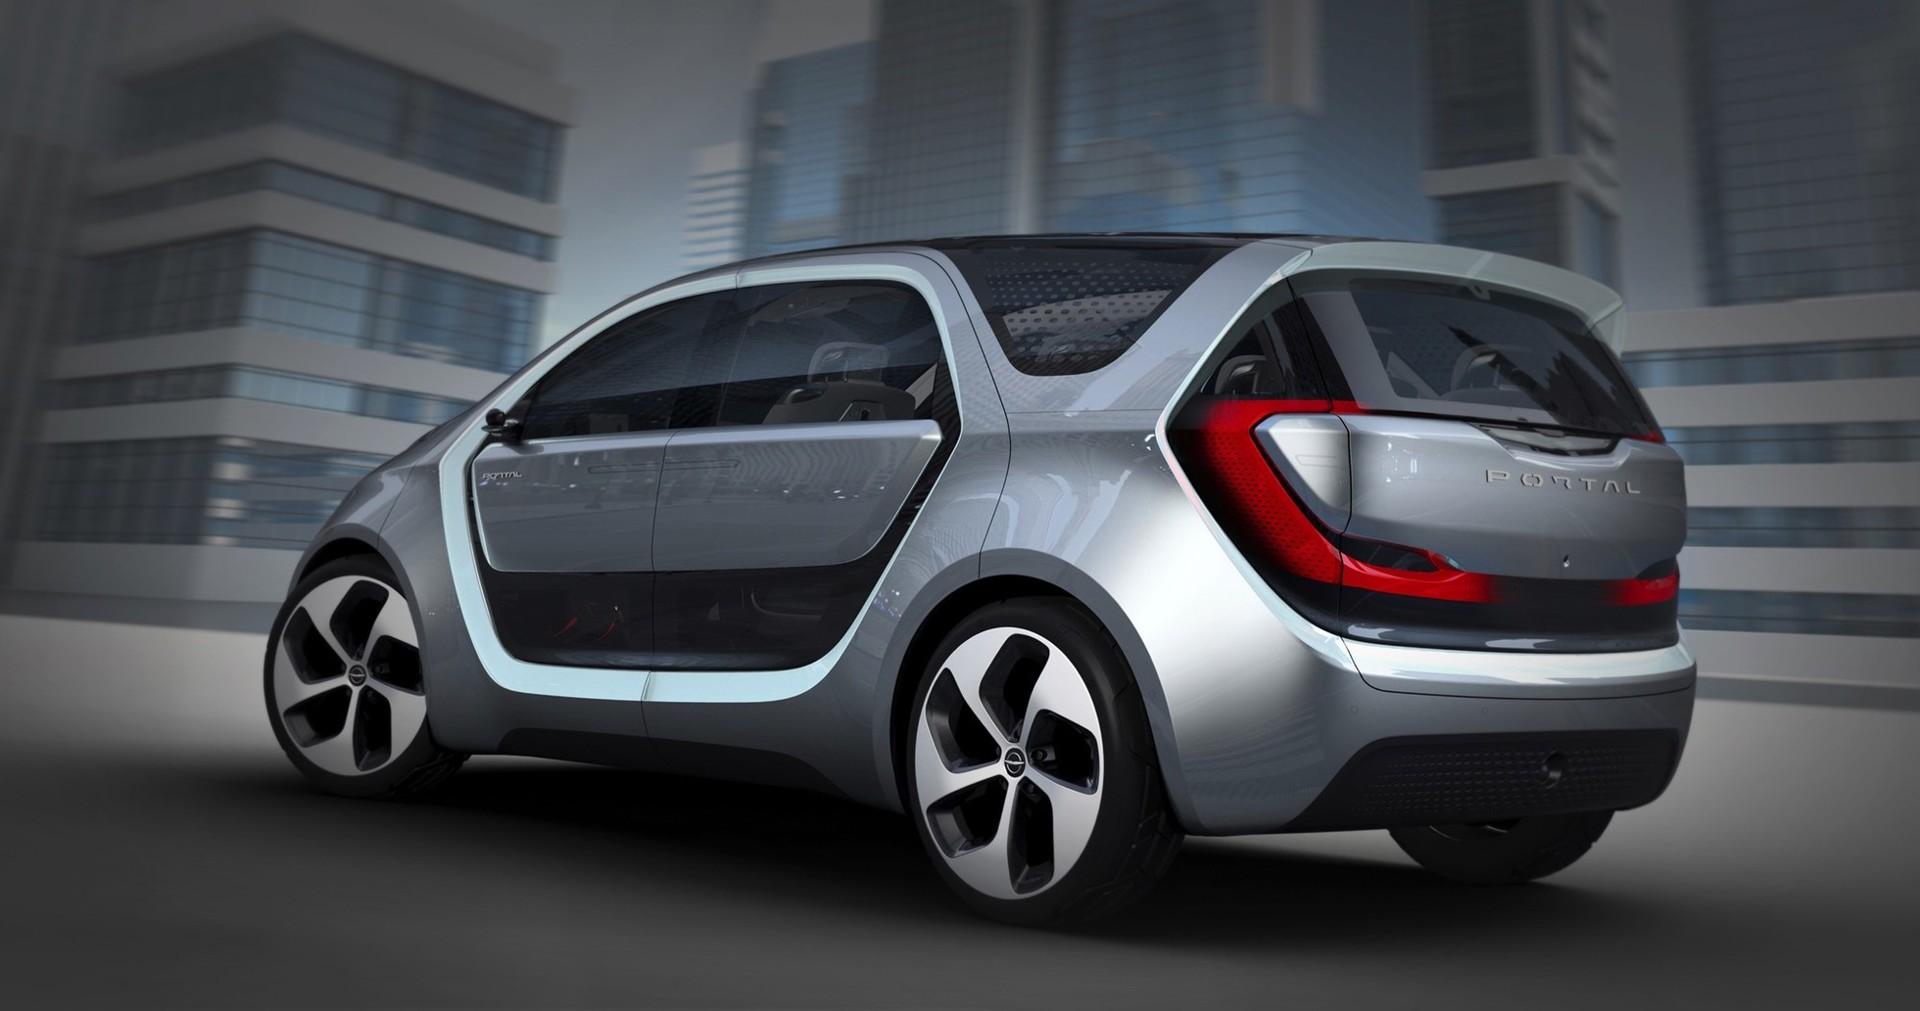 Будущее автомобилей на CES 2017 - 11